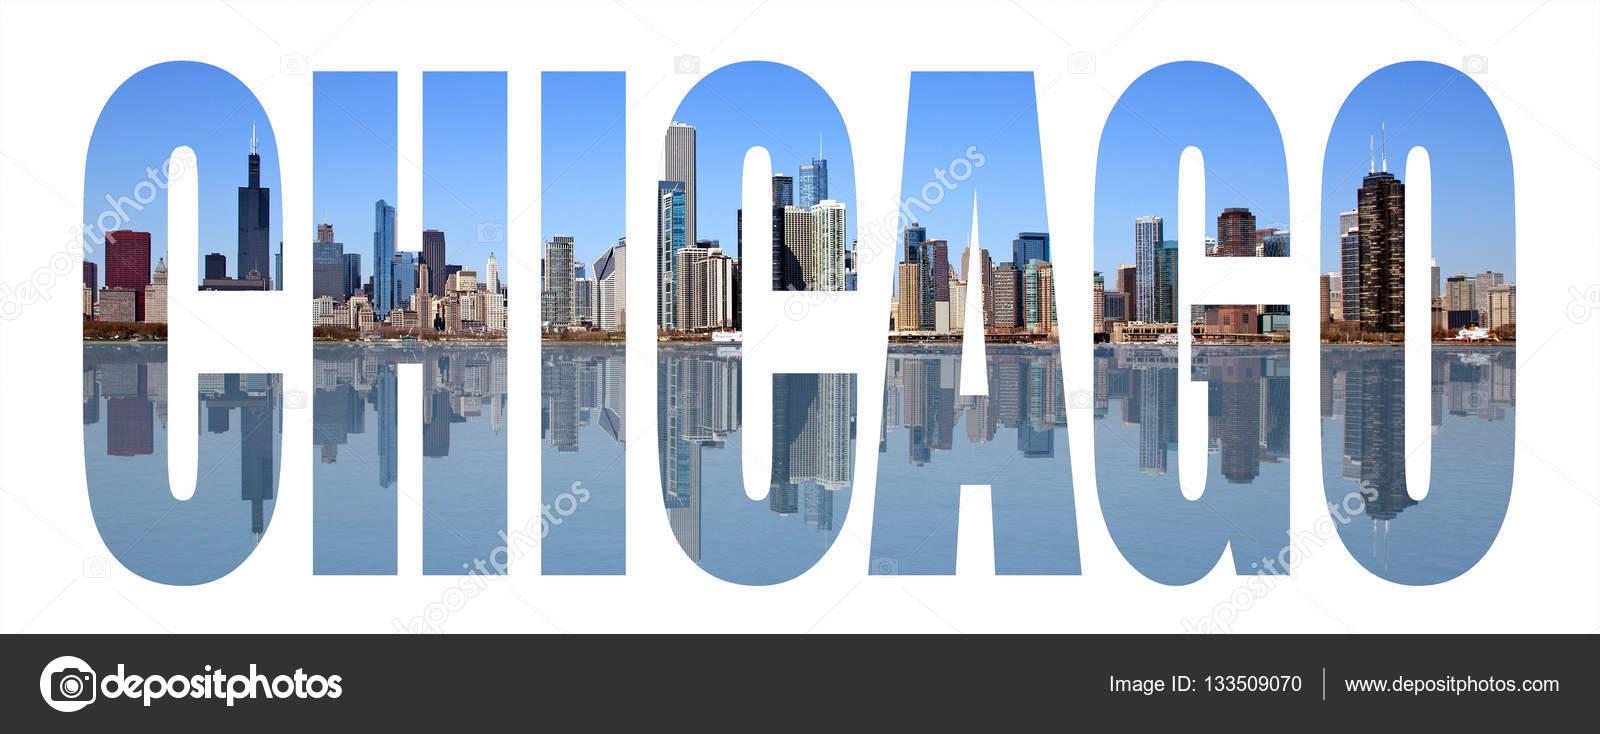 chicago sehensw rdigkeiten buchstaben stockfoto gdvcom. Black Bedroom Furniture Sets. Home Design Ideas